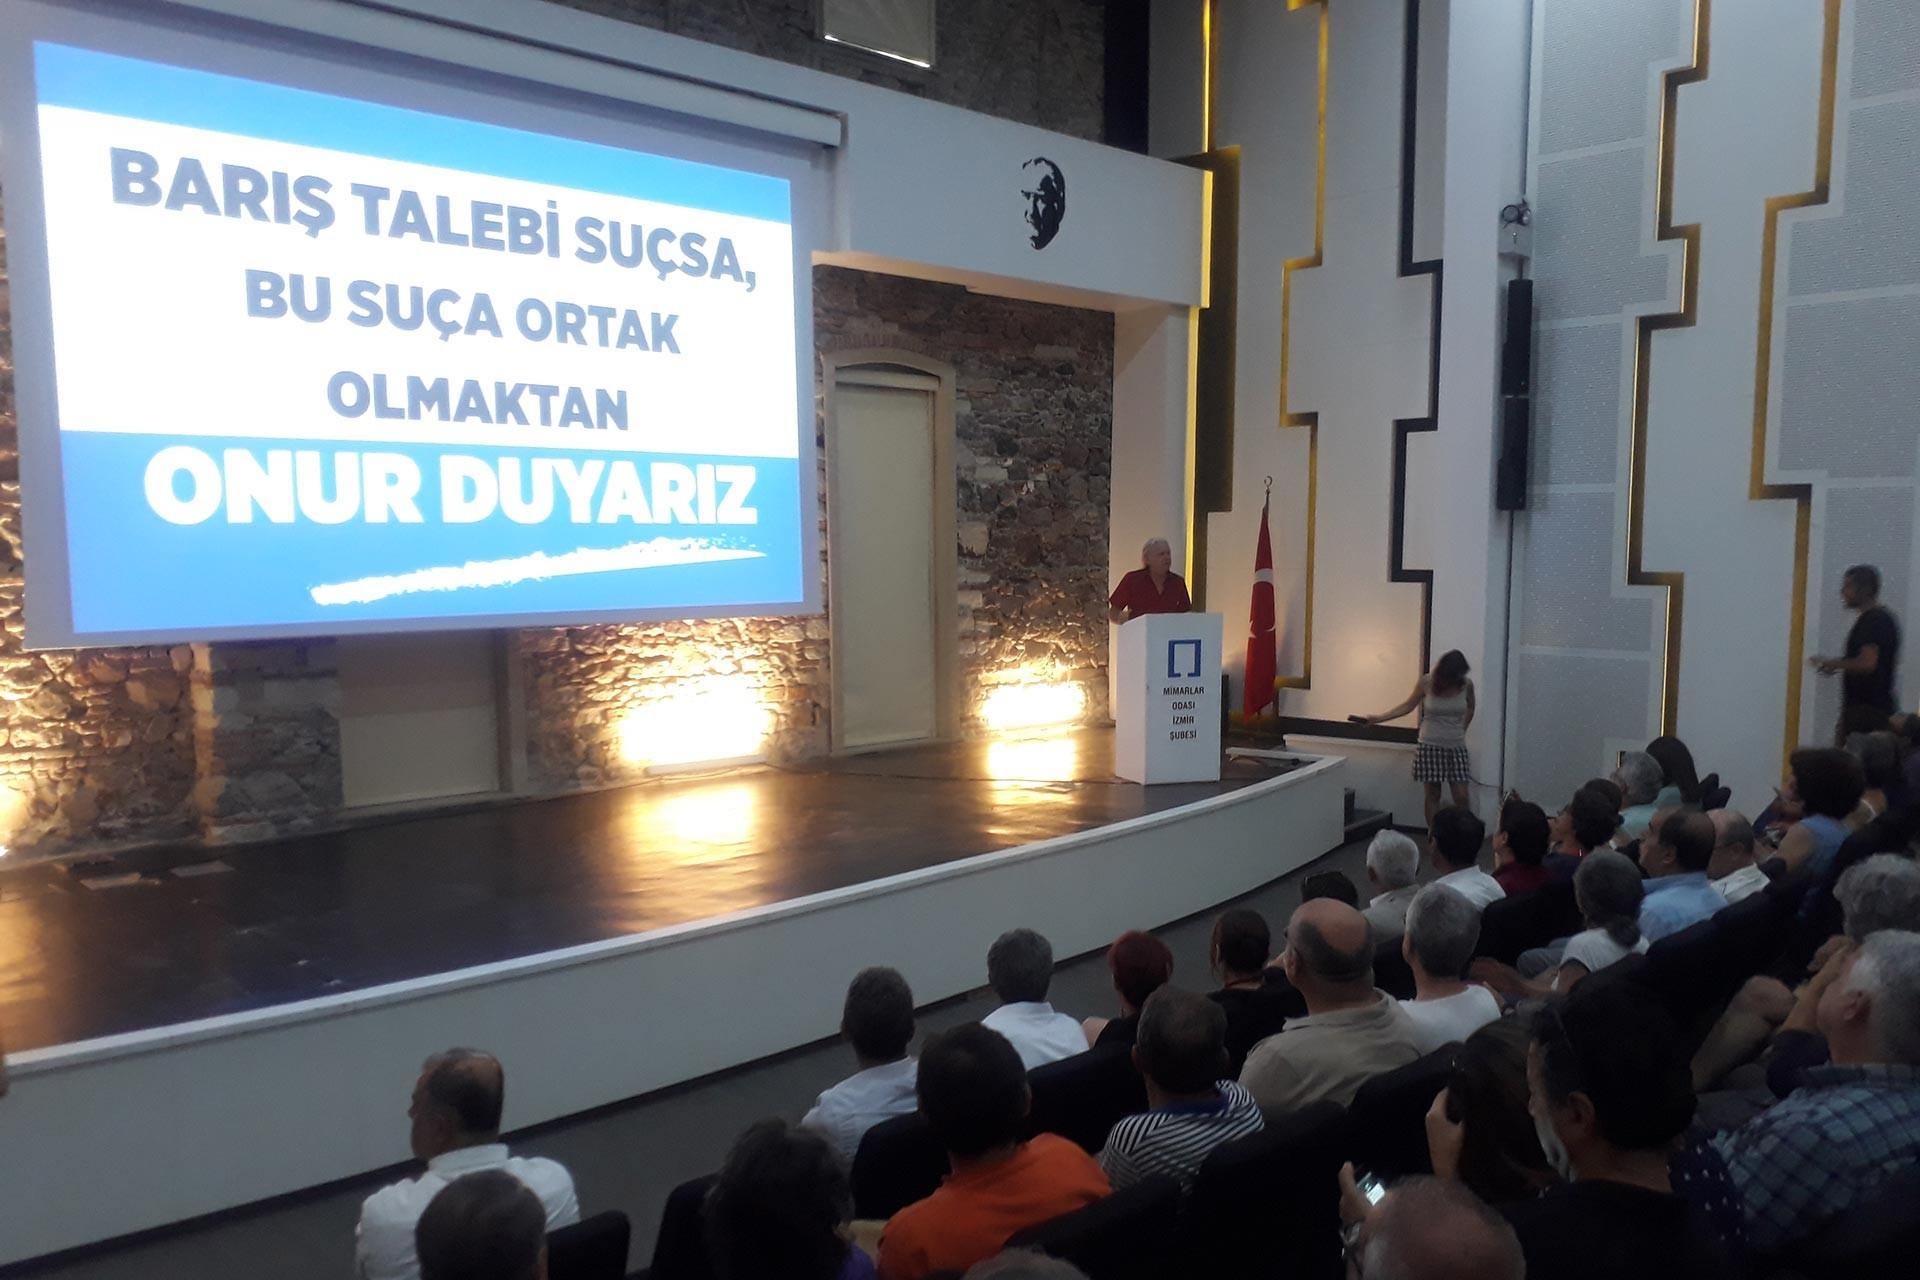 İzmir Emek ve Demokrasi Güçleri, barış akademisyenlerine desteğini yineledi